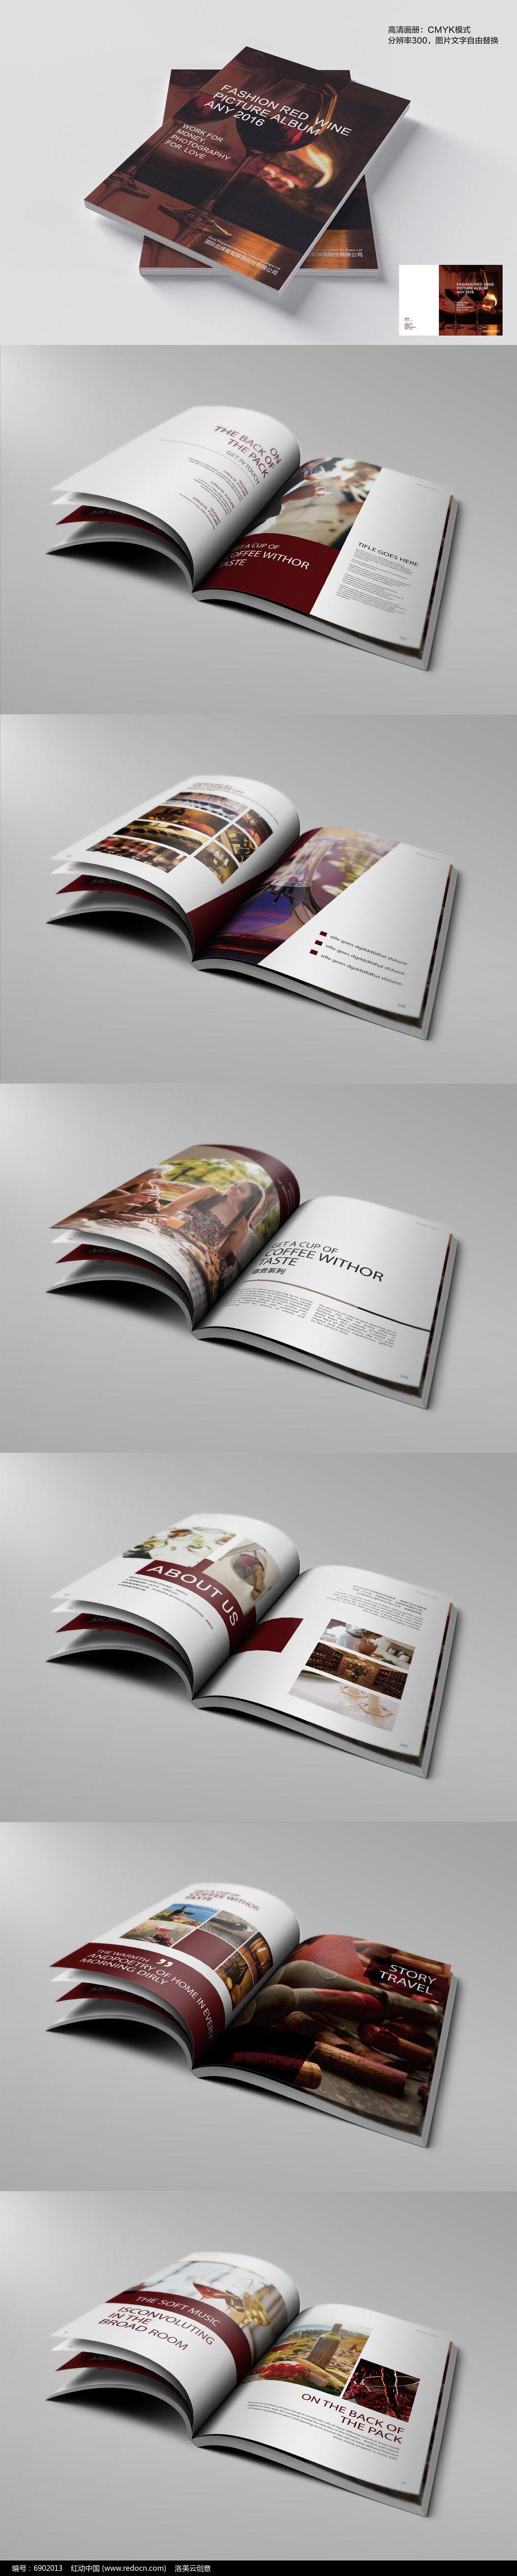 高端时尚红酒画册版式设计模板图片